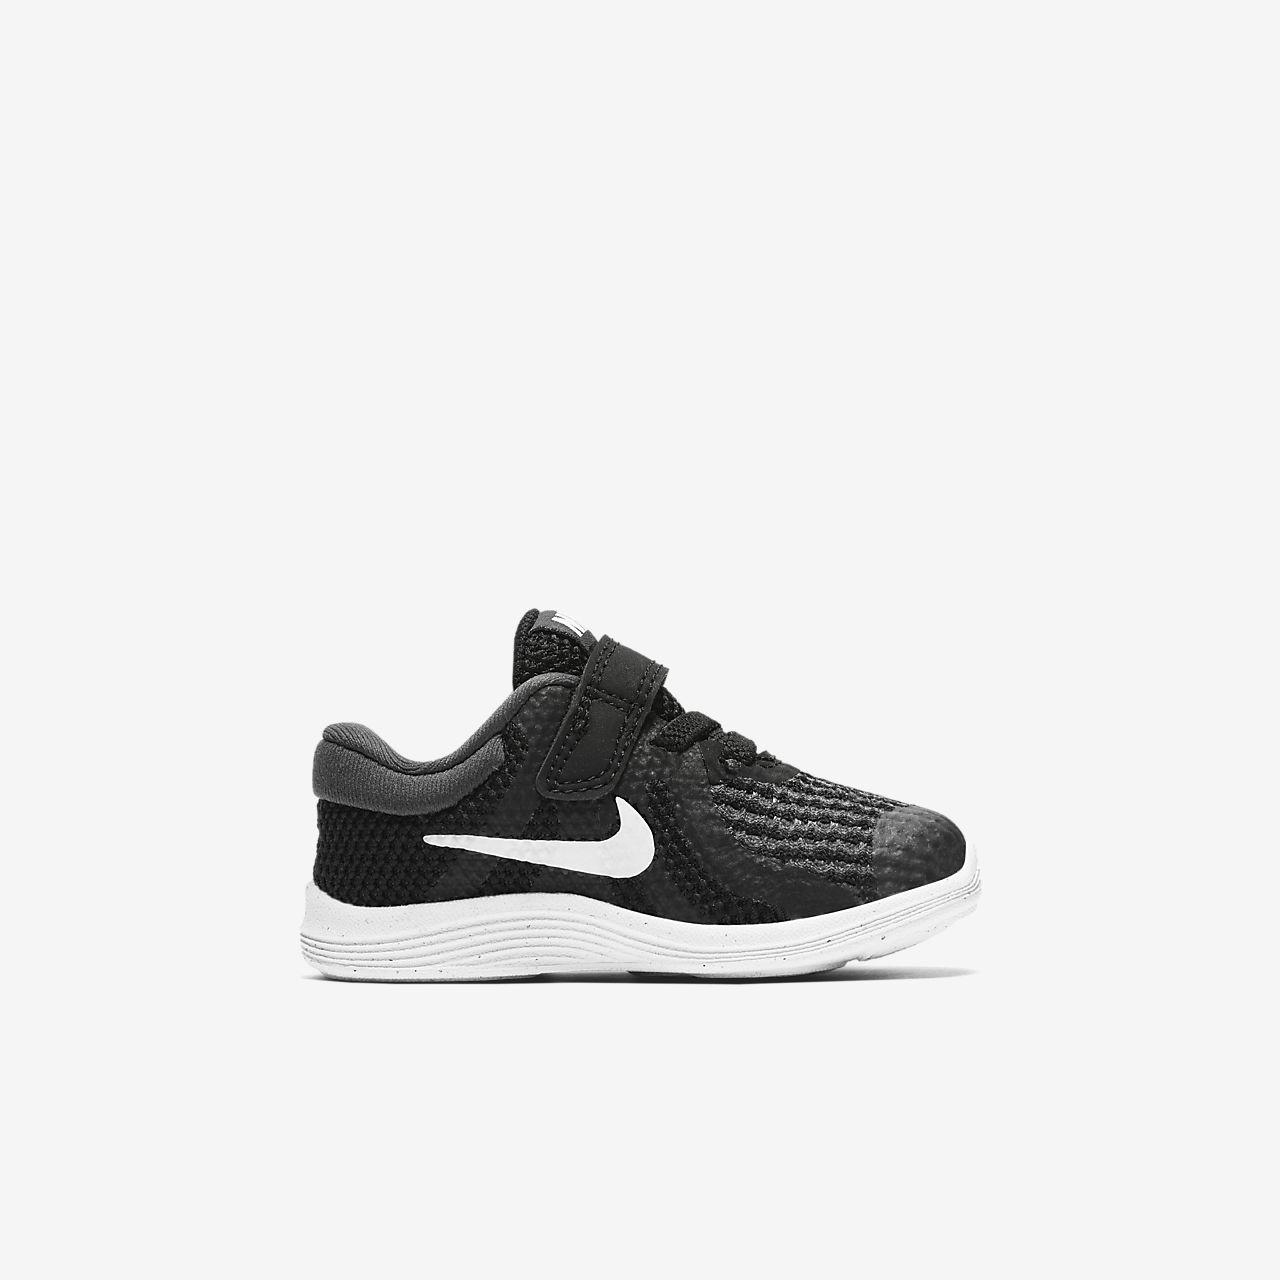 872e7605095 Chaussure Nike Revolution 4 pour Bébé Petit enfant. Nike.com FR